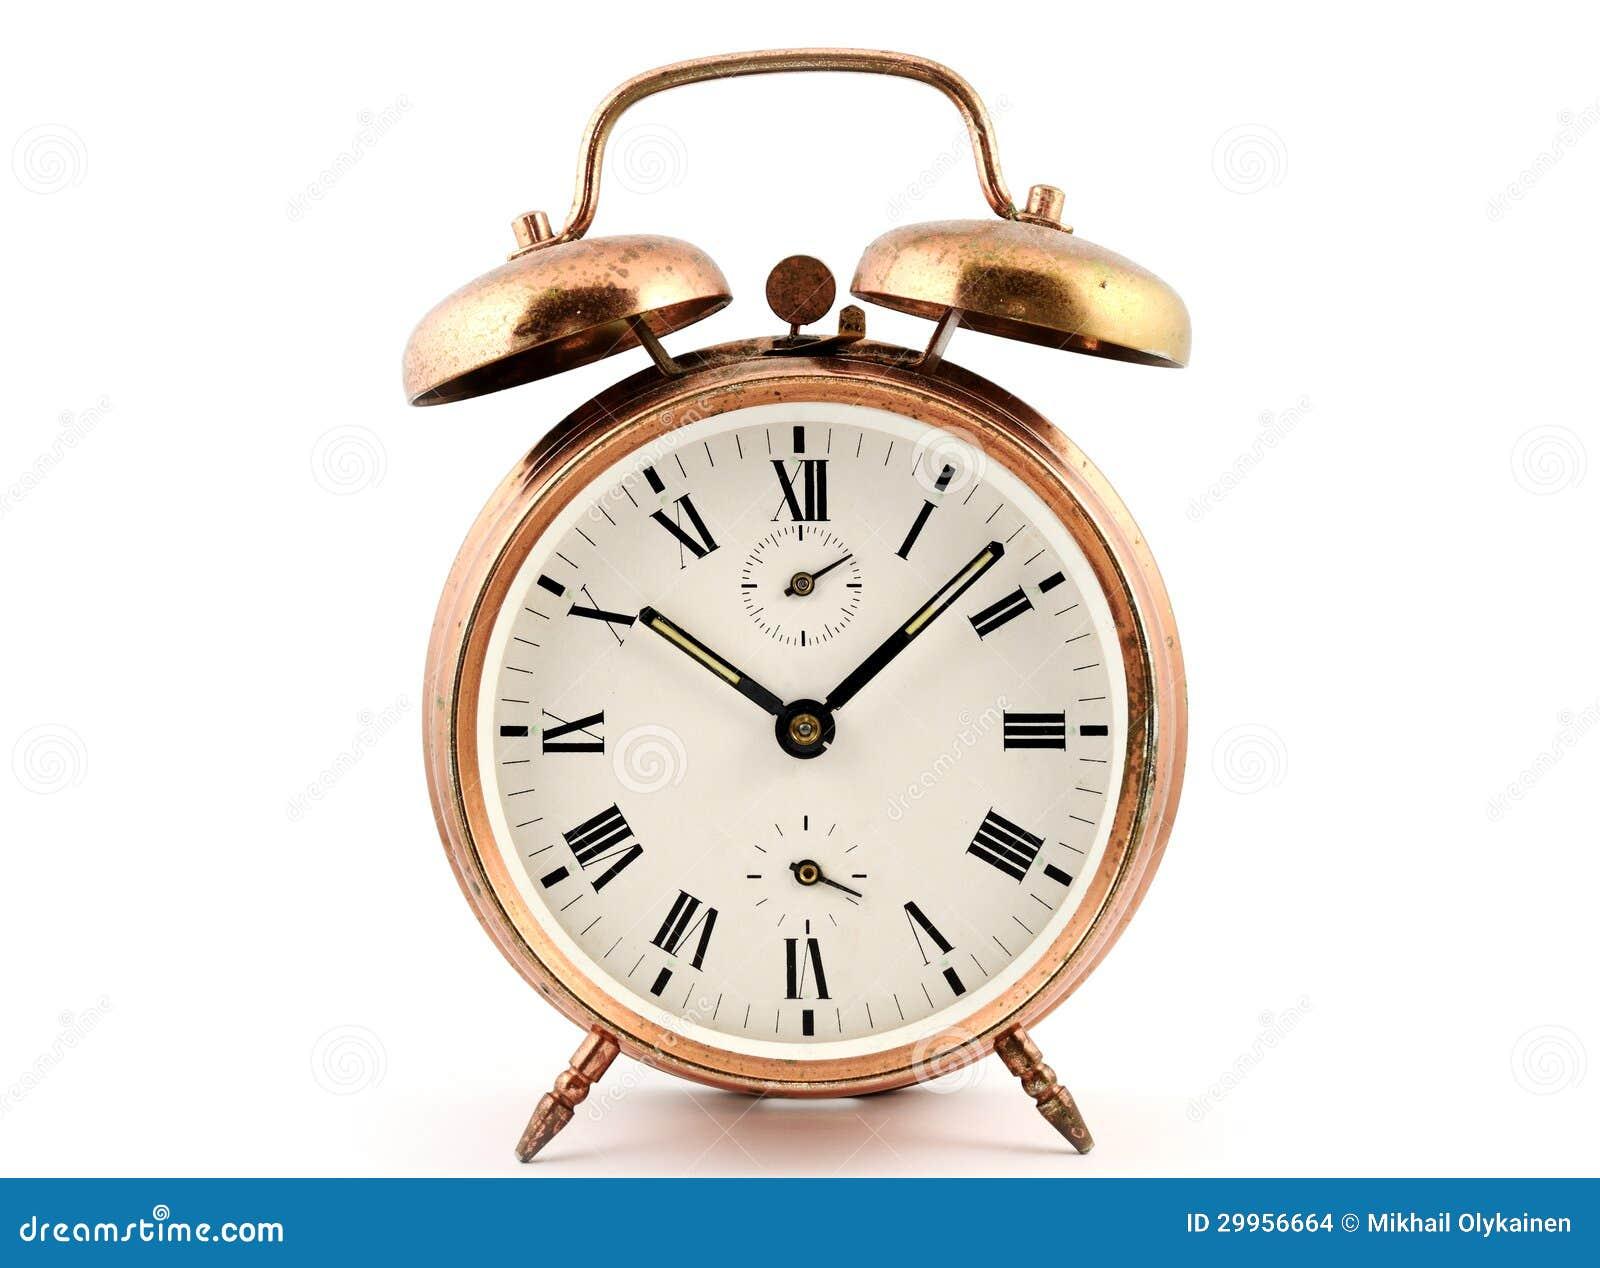 Old Fashioned Clocks Uk